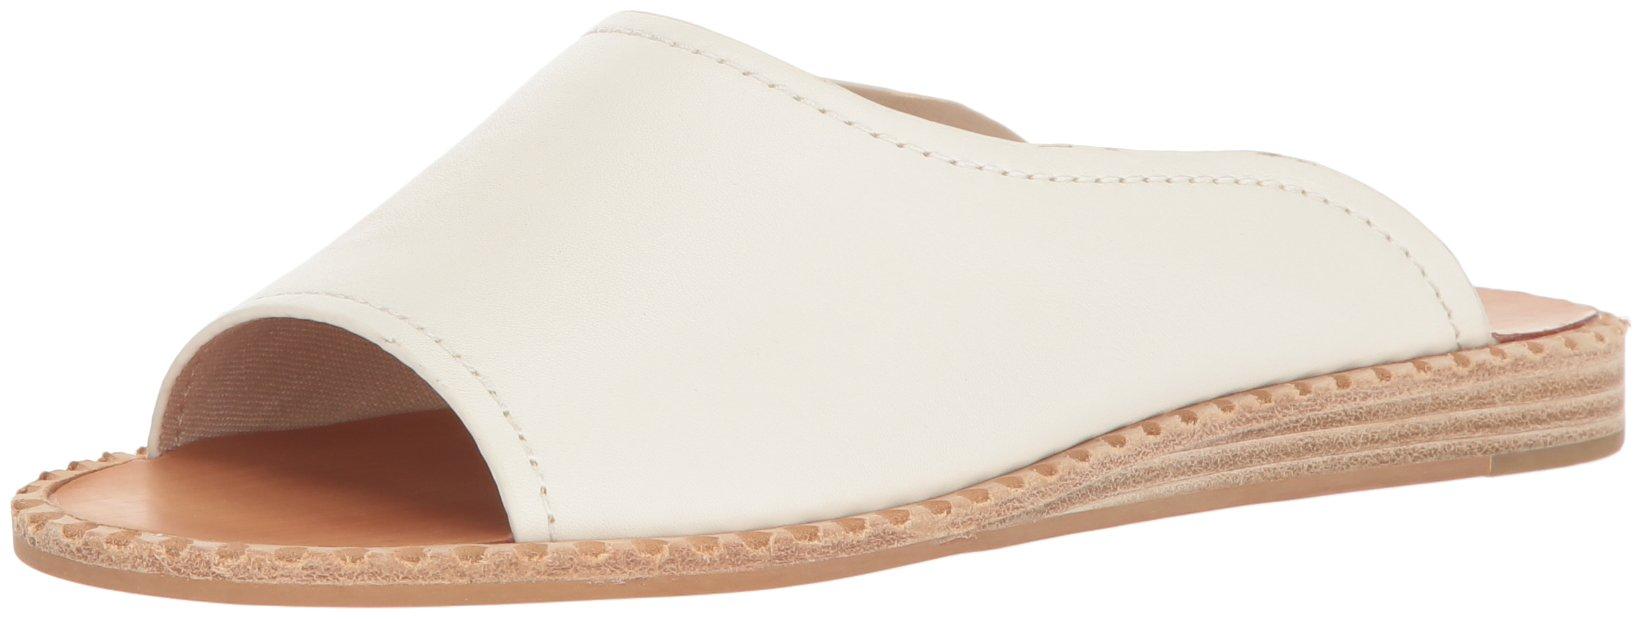 Dolce Vita Women's Poe Slide Sandal, Off White Leather, 7 M US